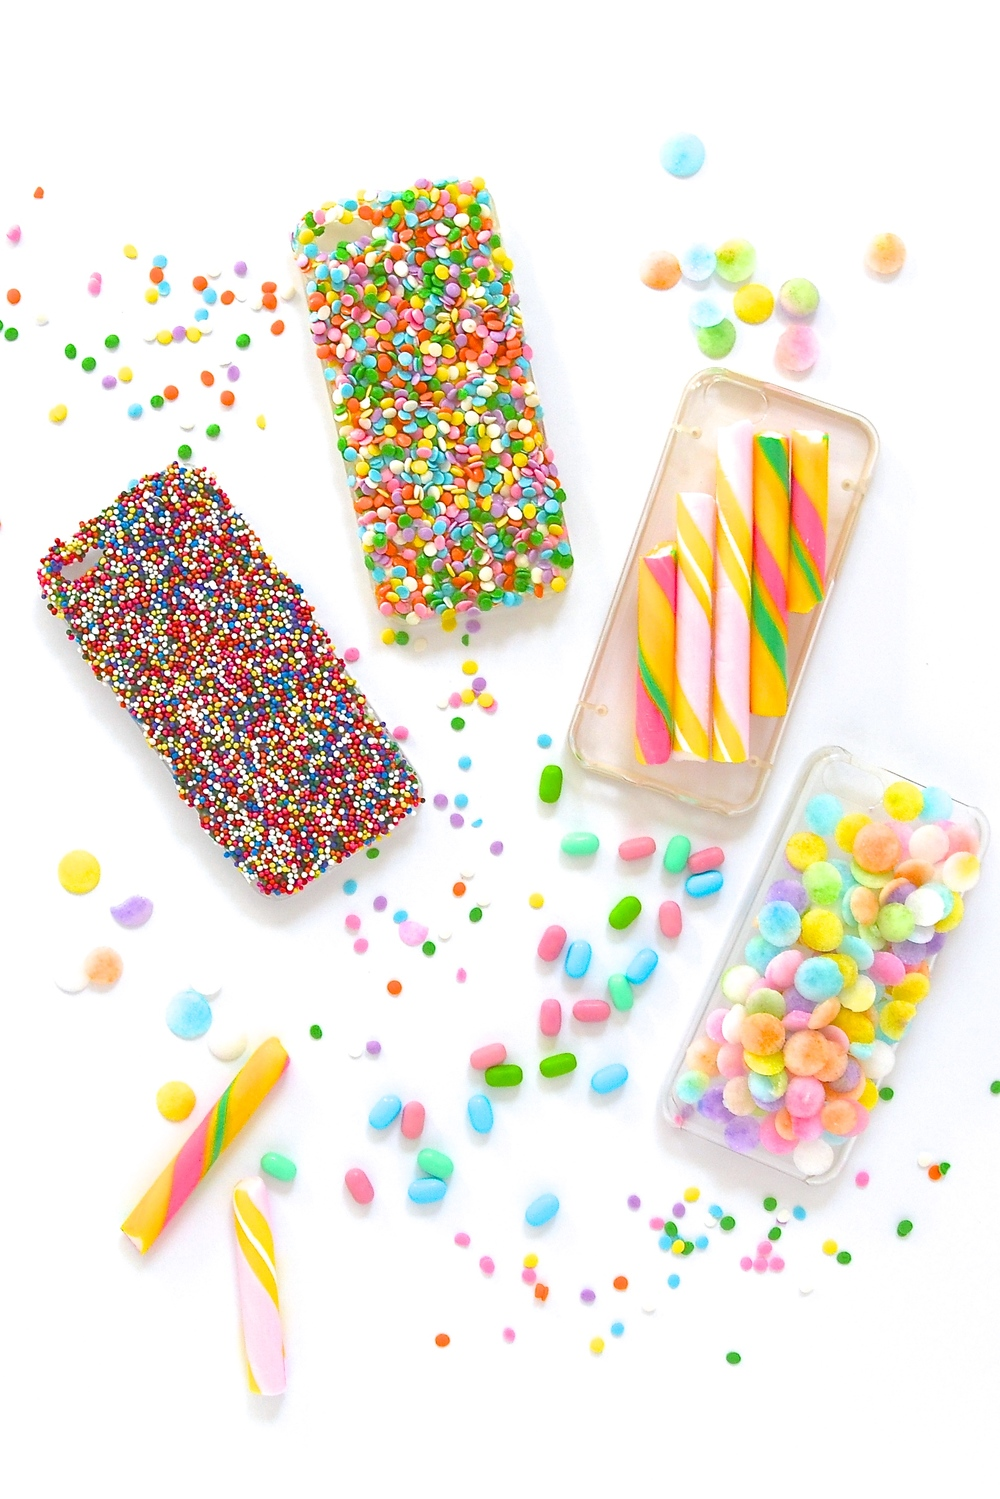 DIY Candy iPhone Cases Violet Tinder